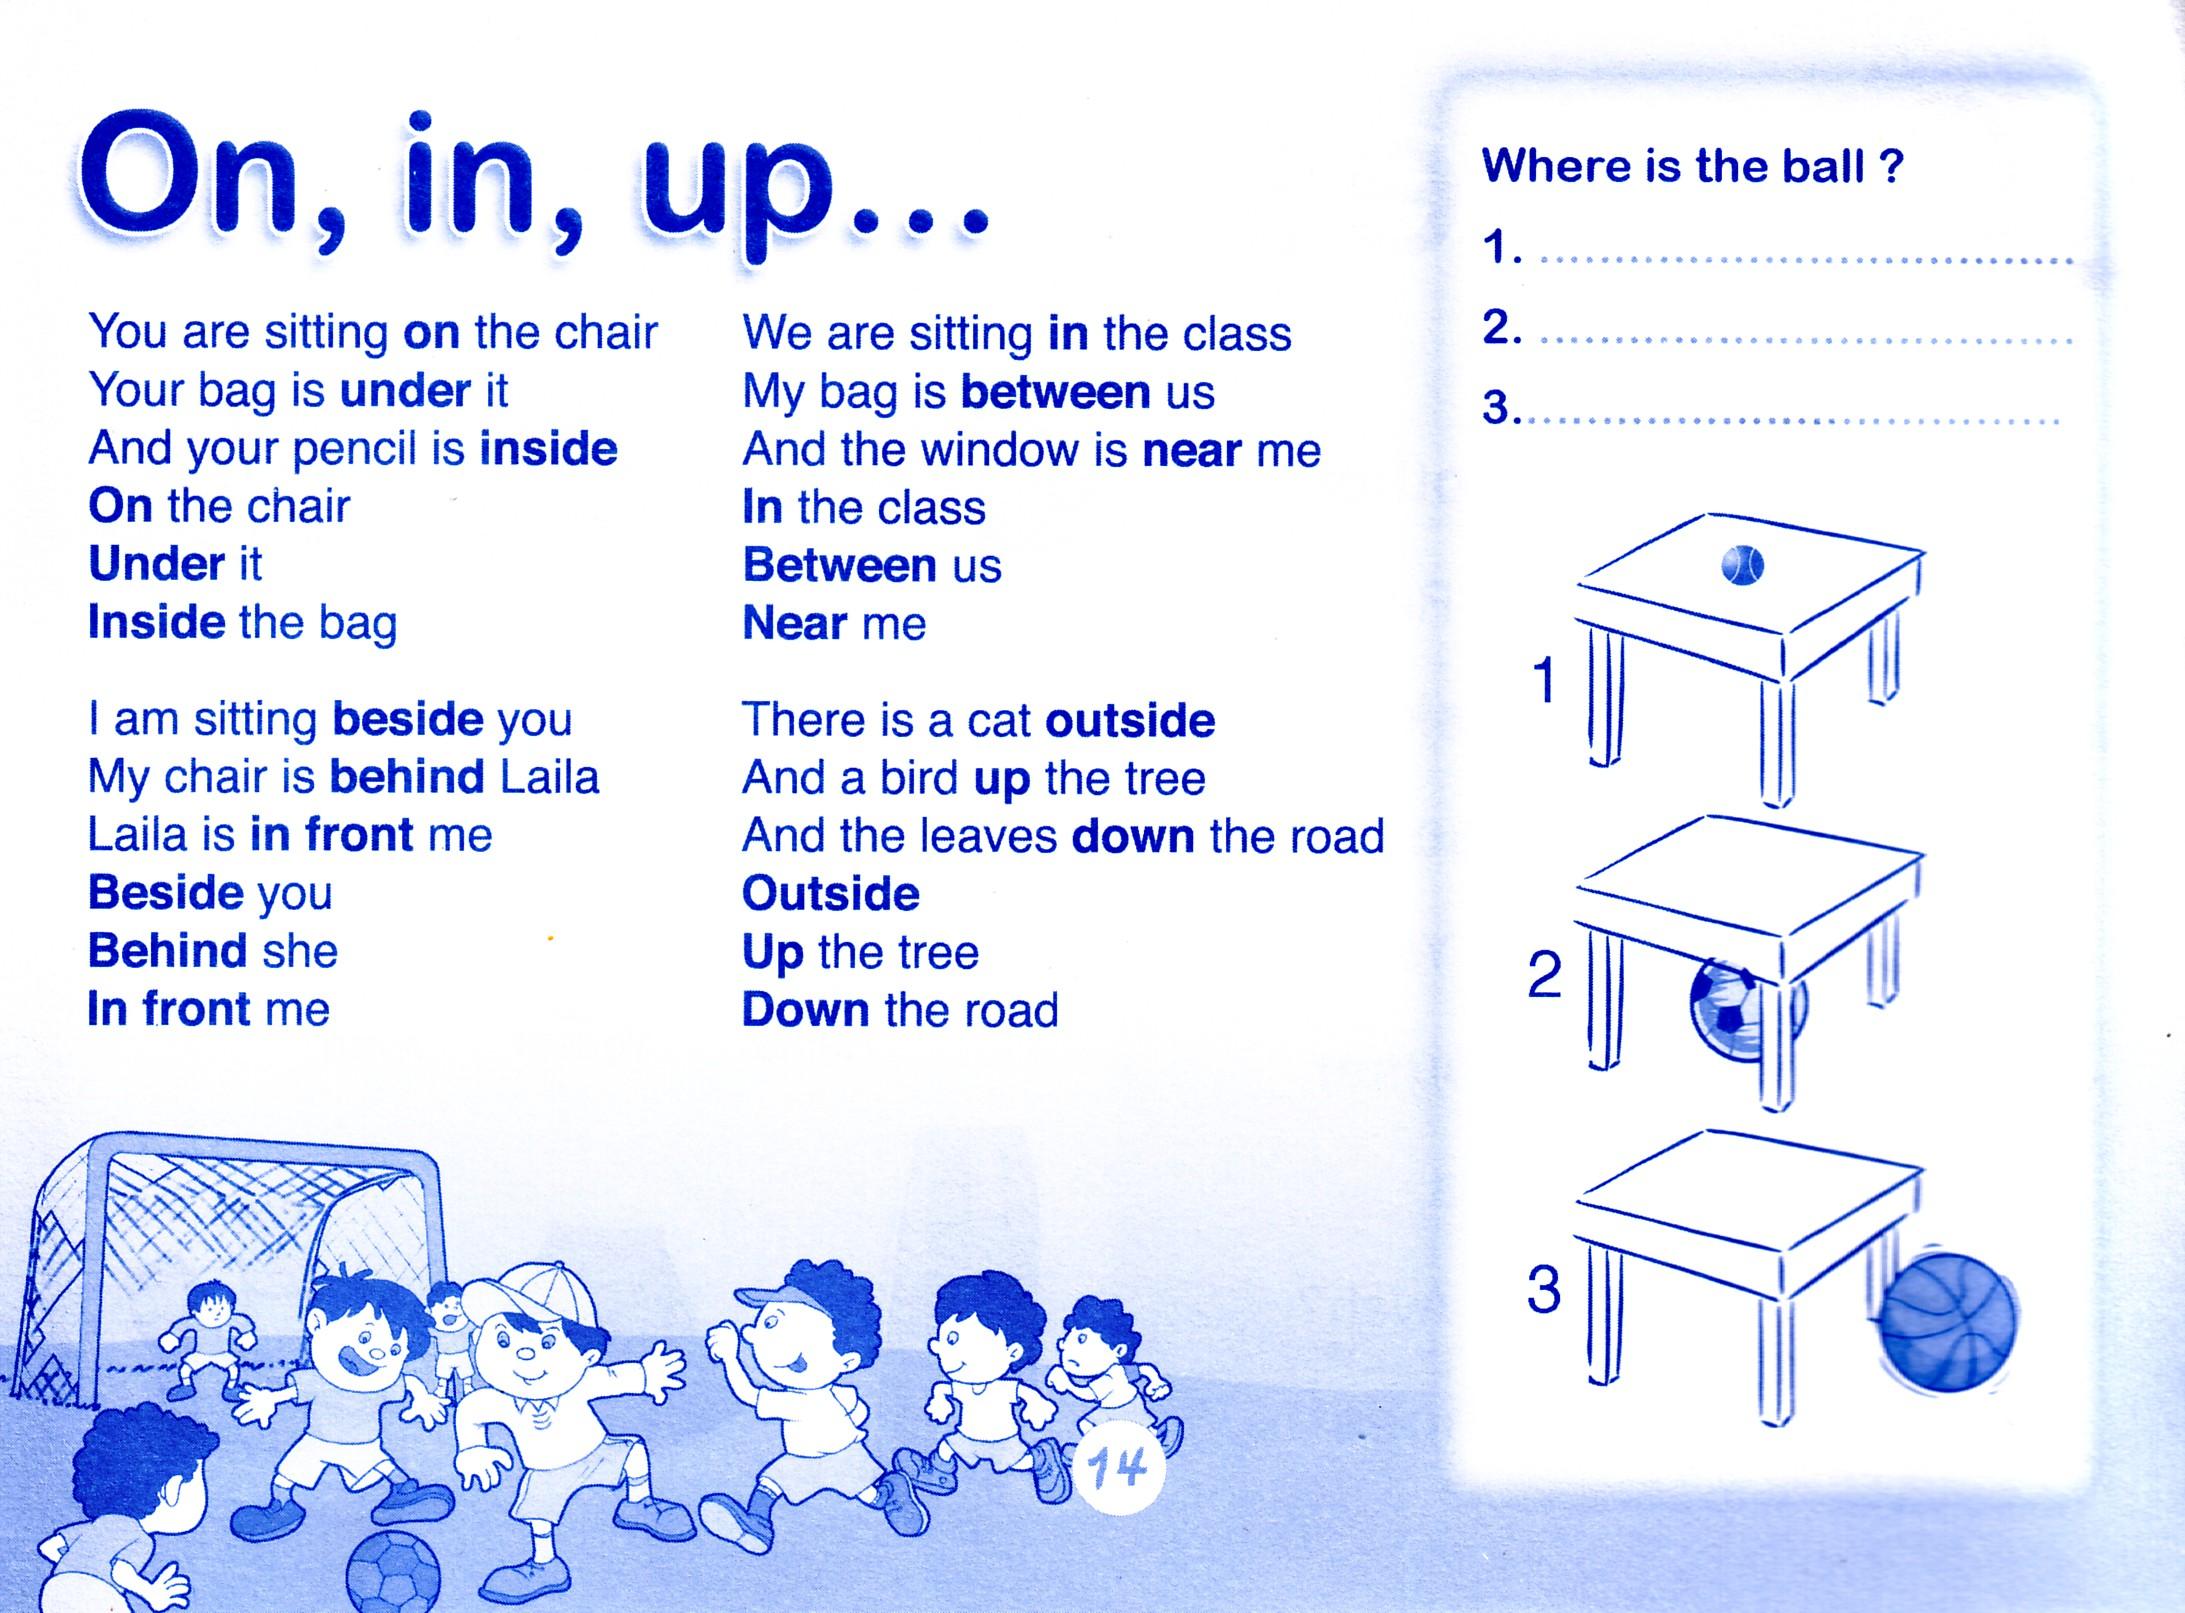 أناشيد باللغة الأنجليزية تعليمية - English songs for kids .. للأطفال 1234_01200090902